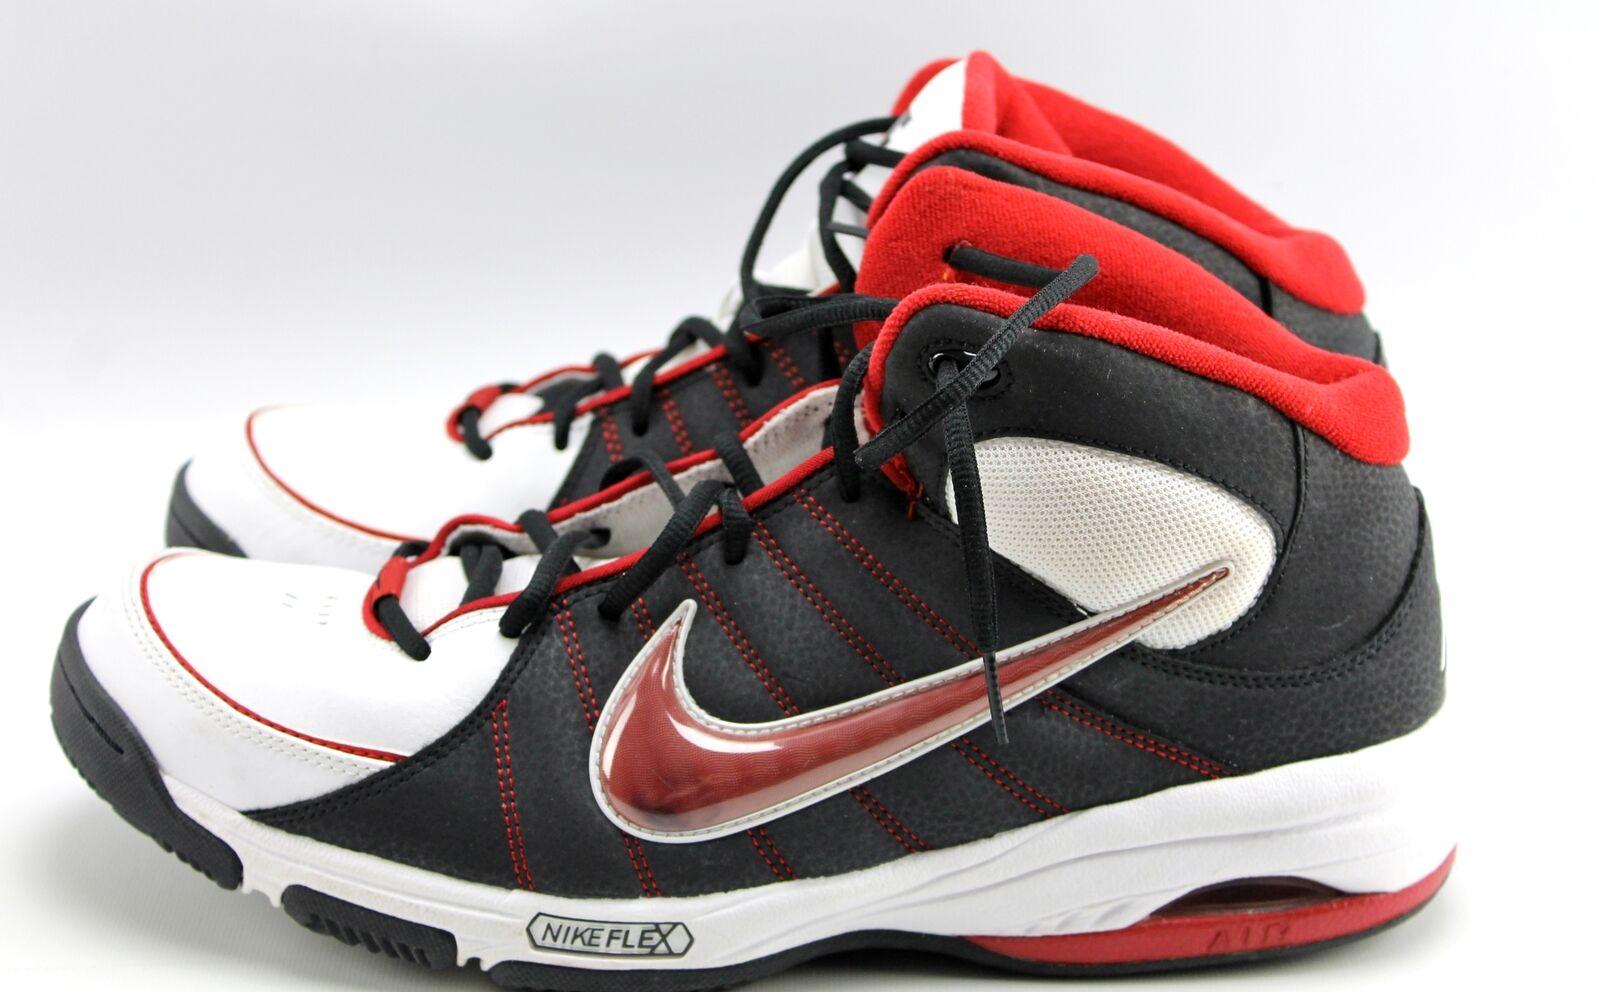 Nike Air equipo Trust Iii Negro Zapatos Rojo Blanco Baloncesto Zapatos Negro Hombres 12 e2eb64